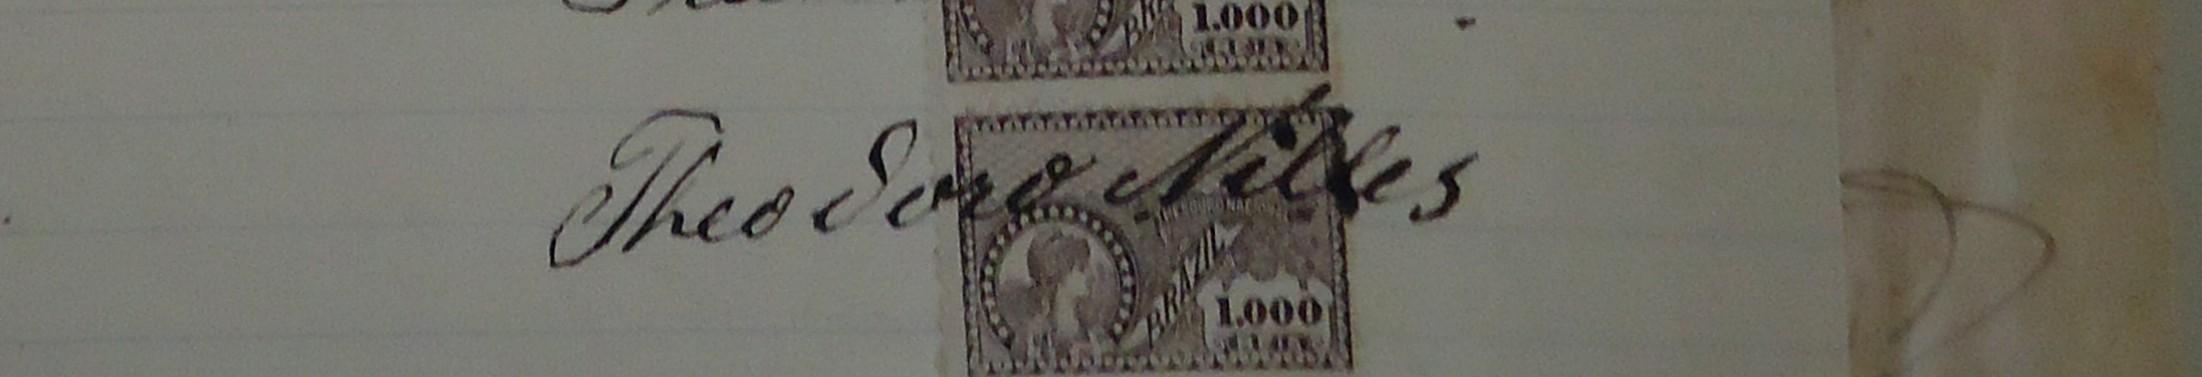 Assinatura de Theodoro Nilles. Porto Alegre, 1913.